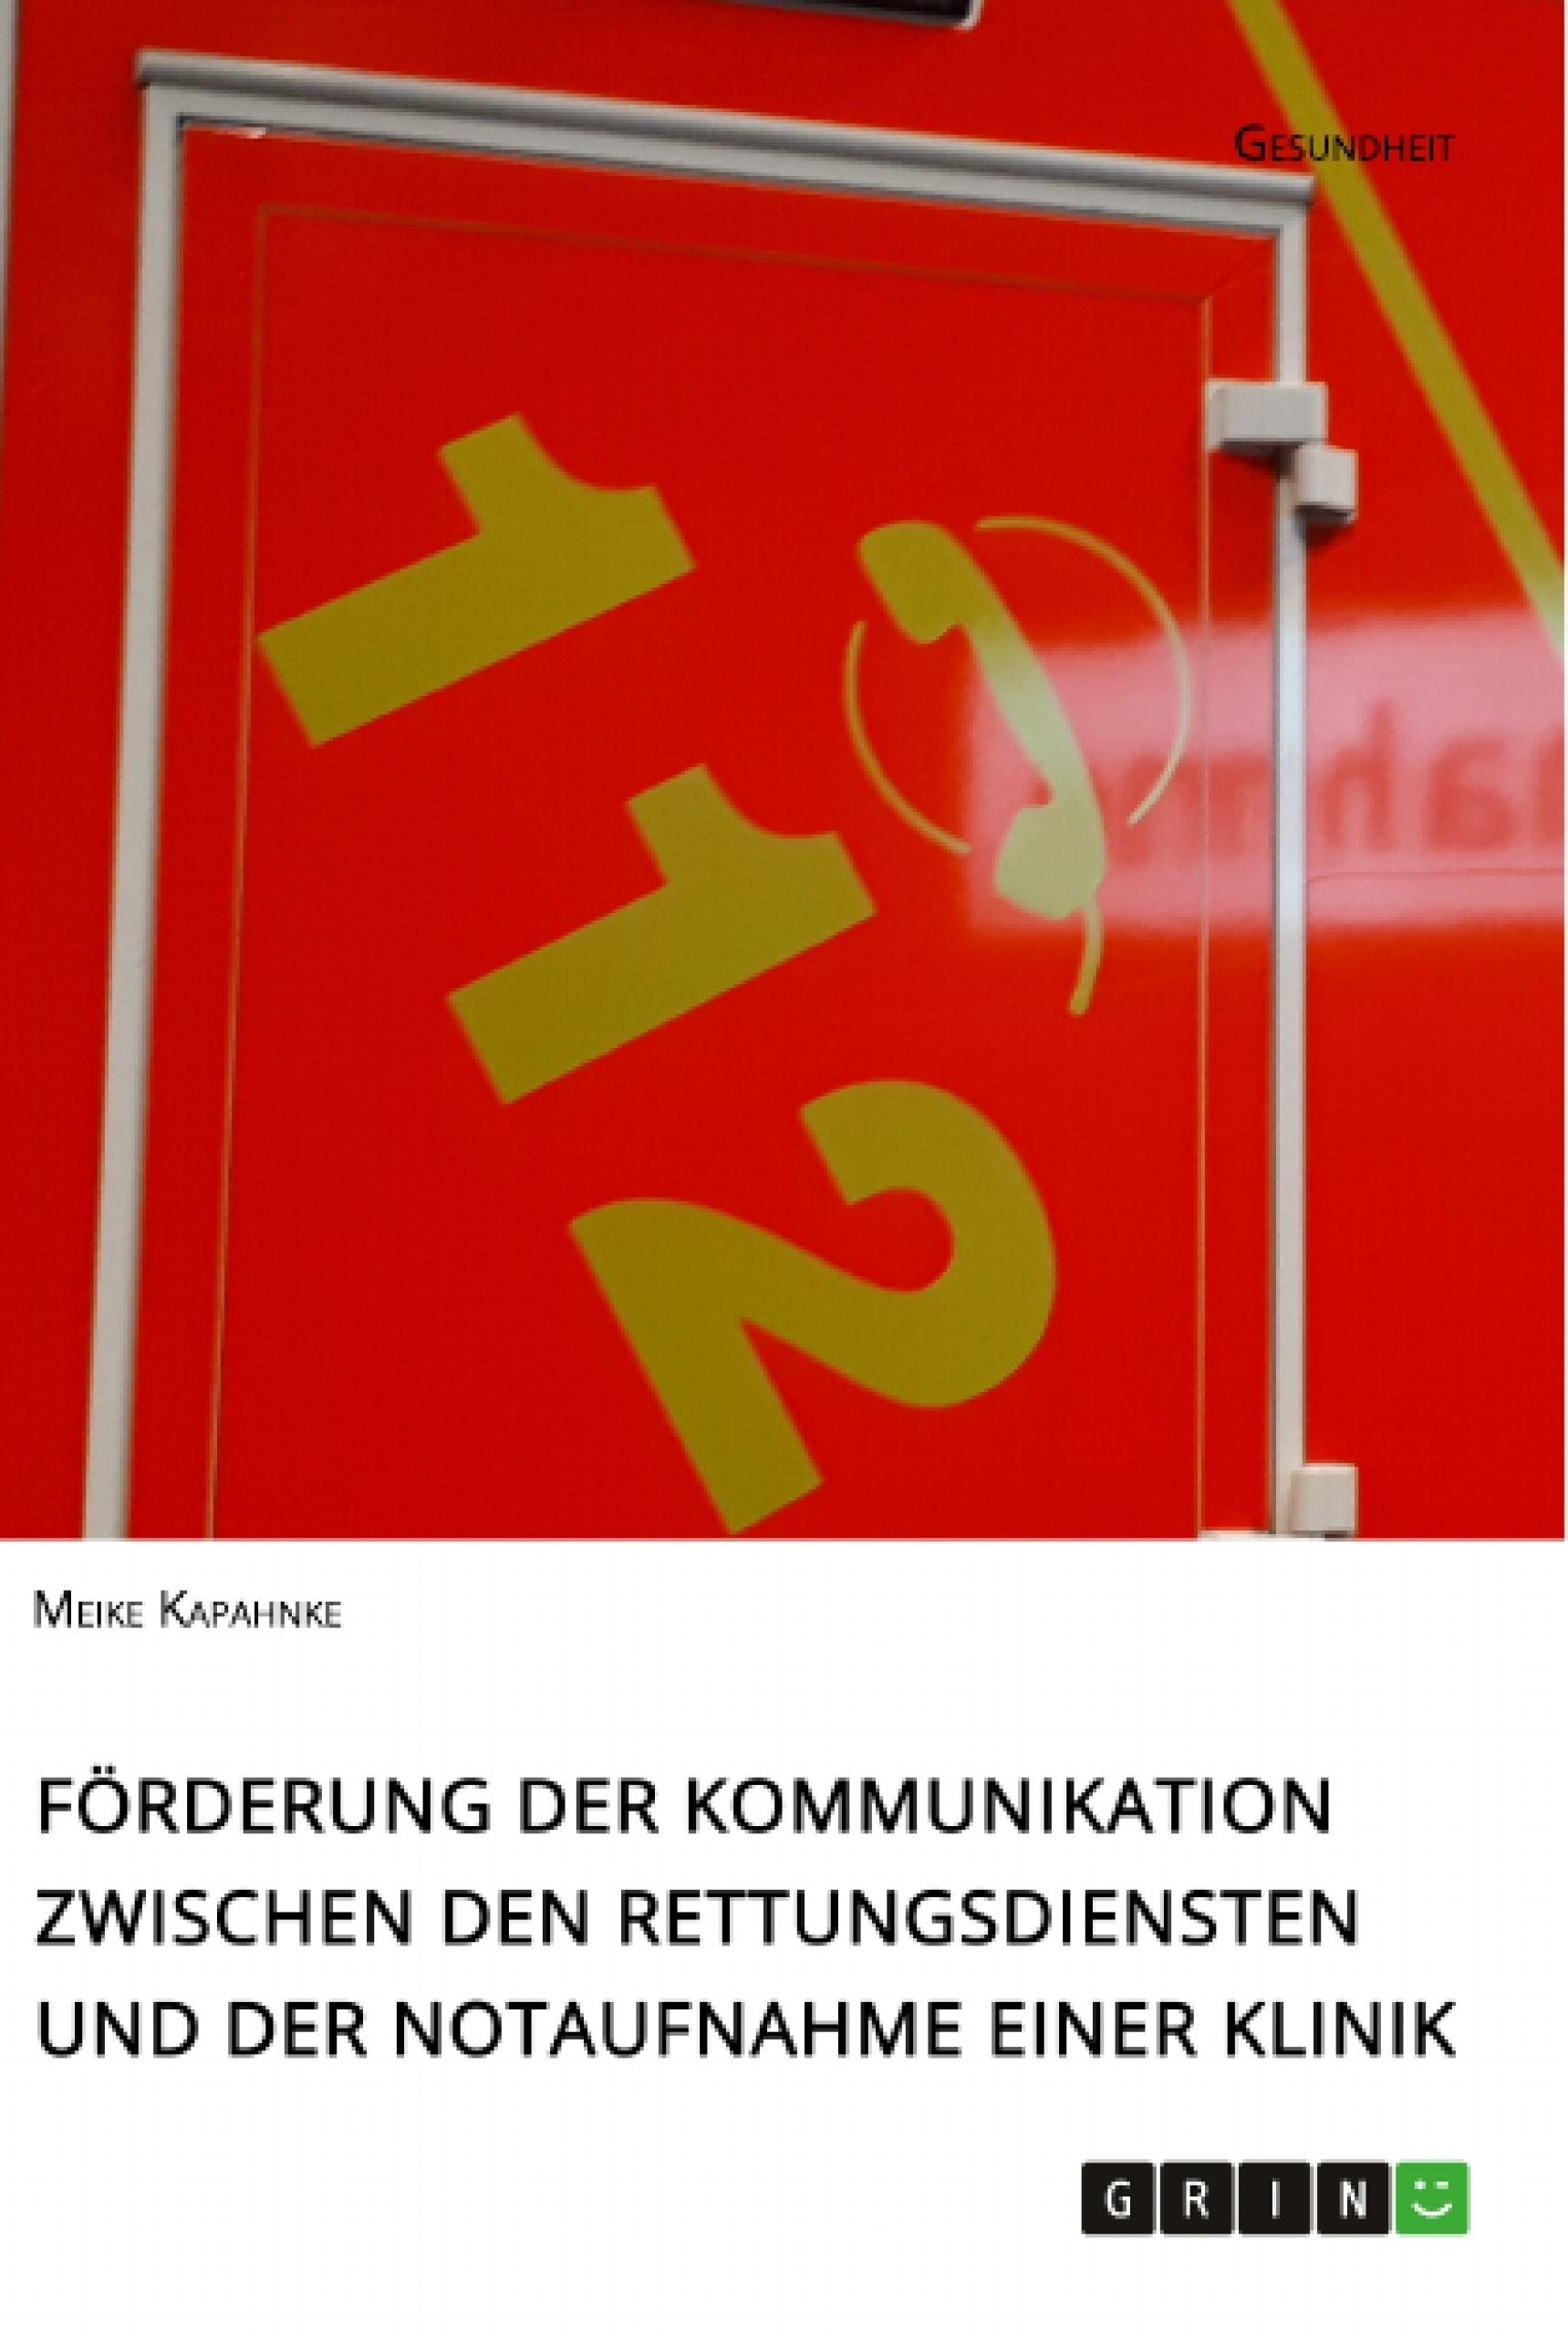 Titel: Förderung der Kommunikation zwischen den Rettungsdiensten und der Notaufnahme einer Klinik